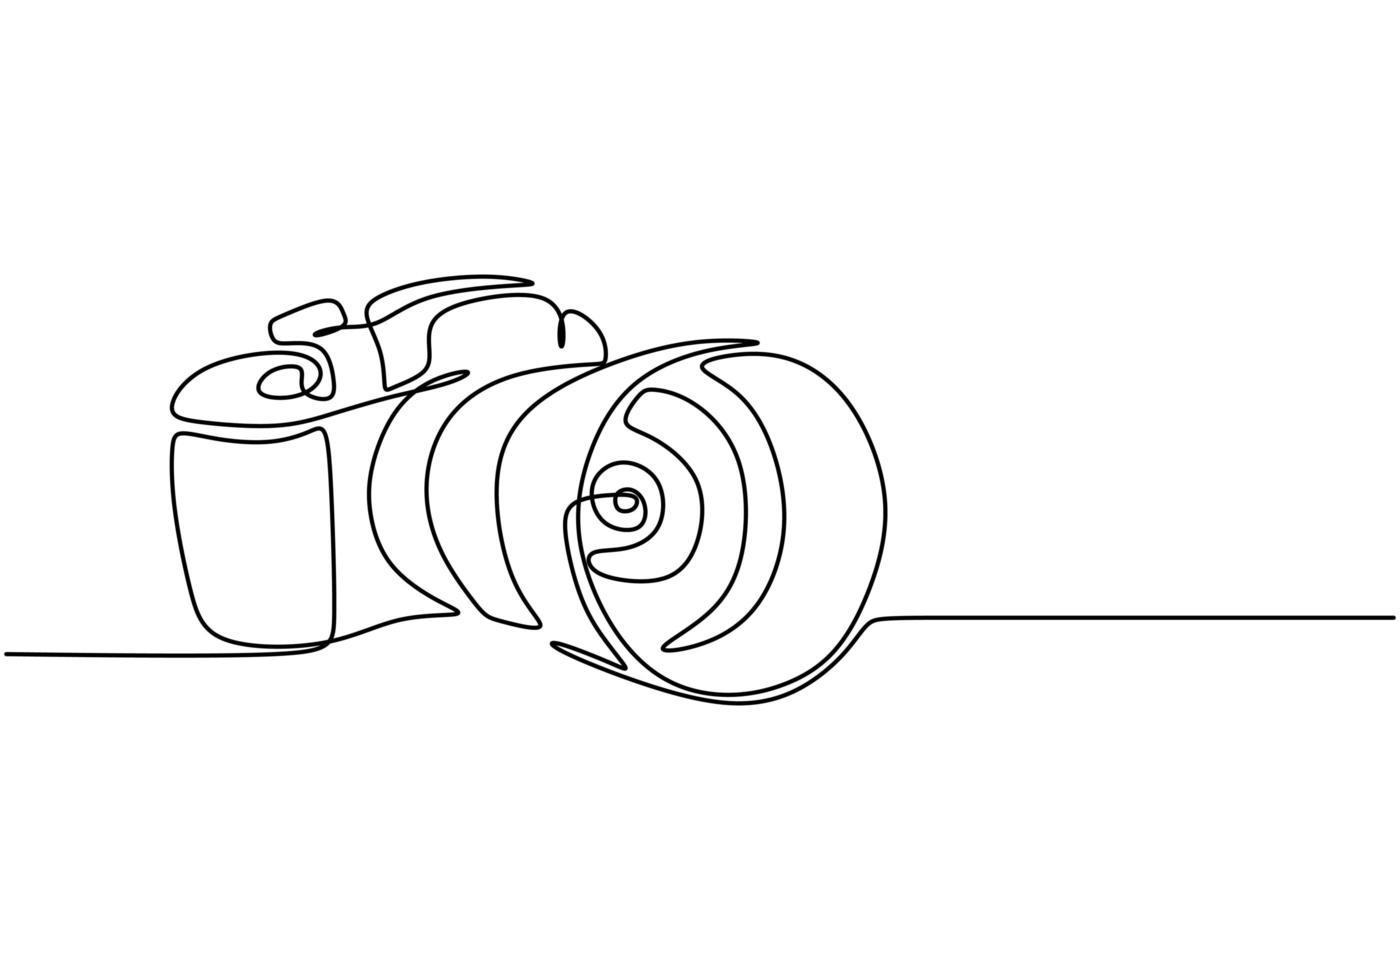 design de câmera de uma linha. vetor digital de câmera dslr com estilo linear minimalismo de desenho de linha única contínua. conceito de equipamento fotográfico isolado no fundo branco ilustração vetorial design